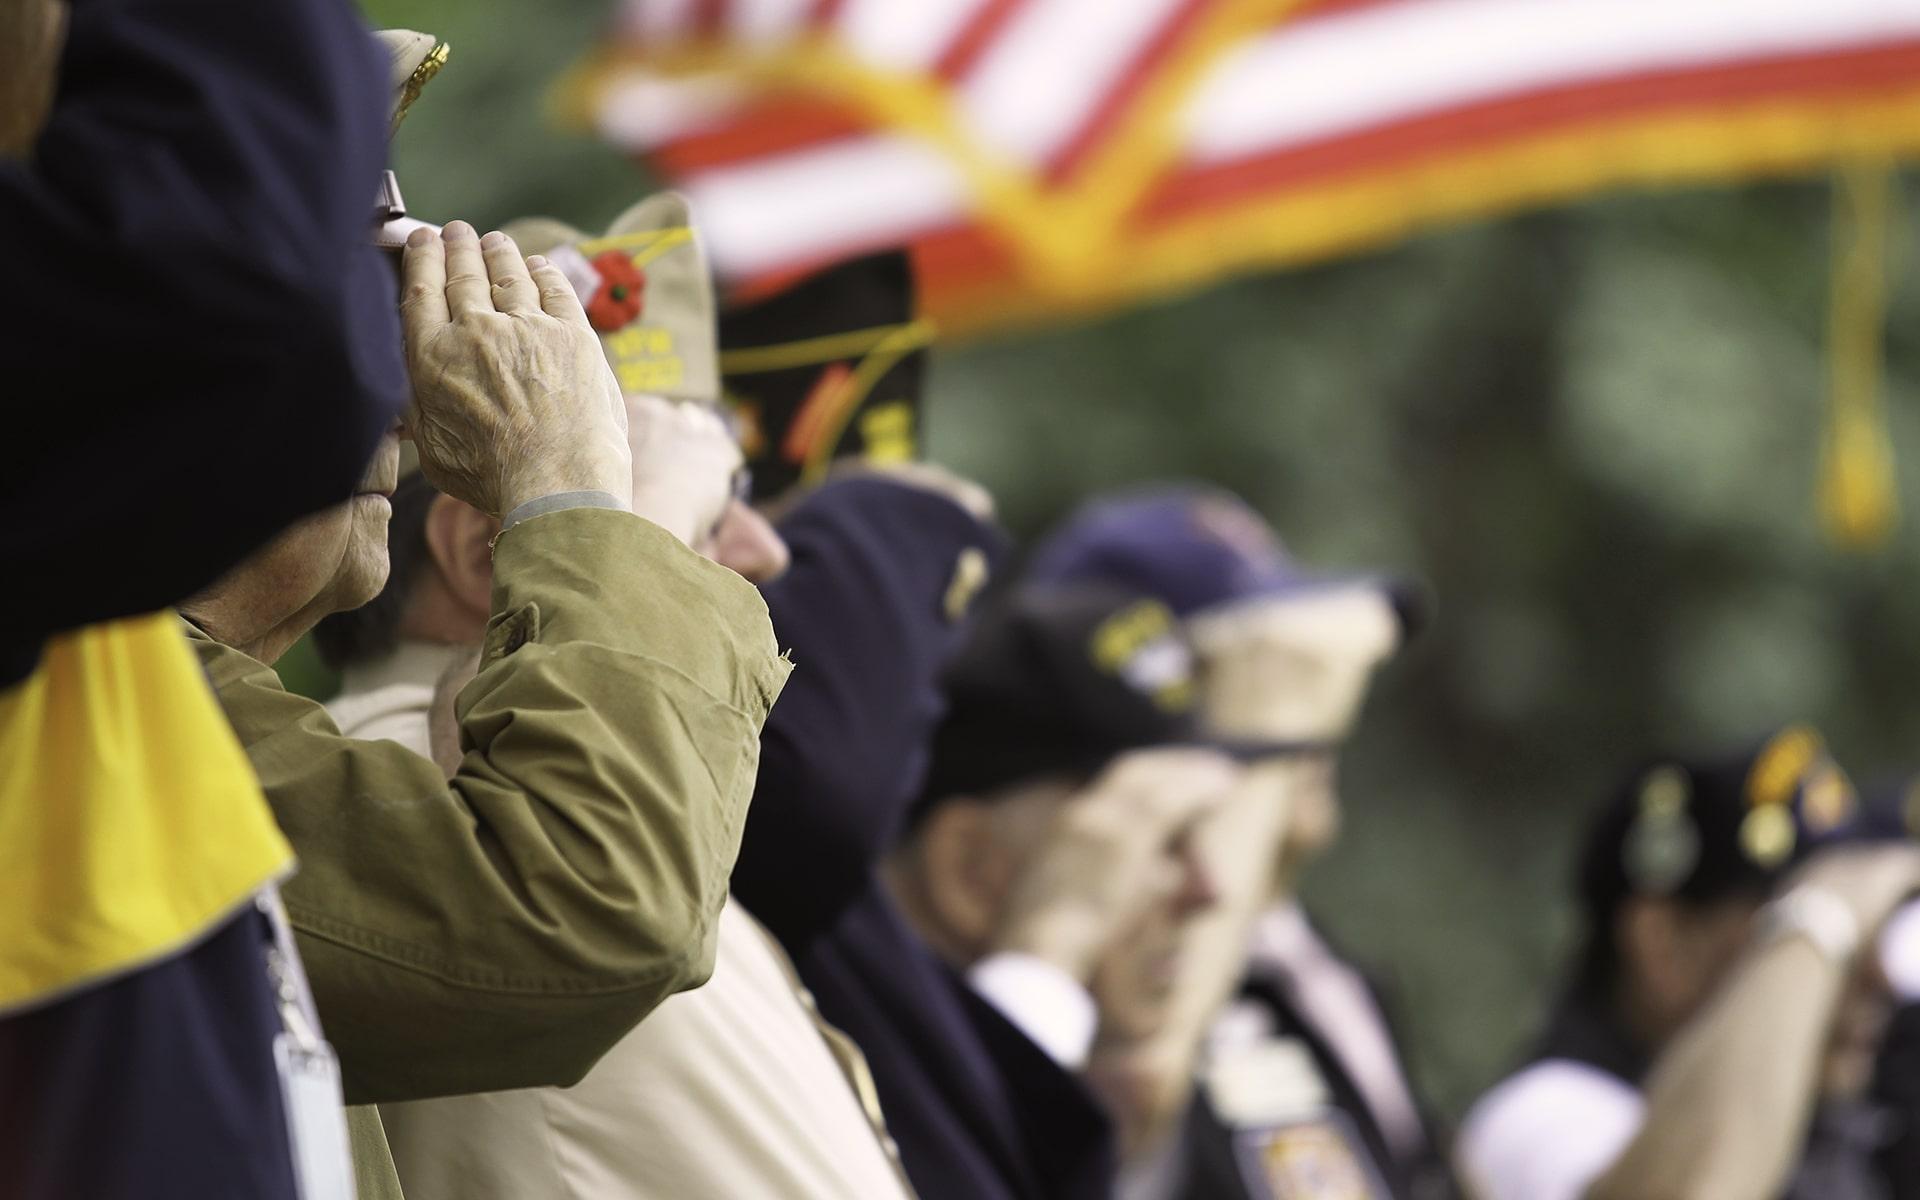 Senior veterans salute the American flag.